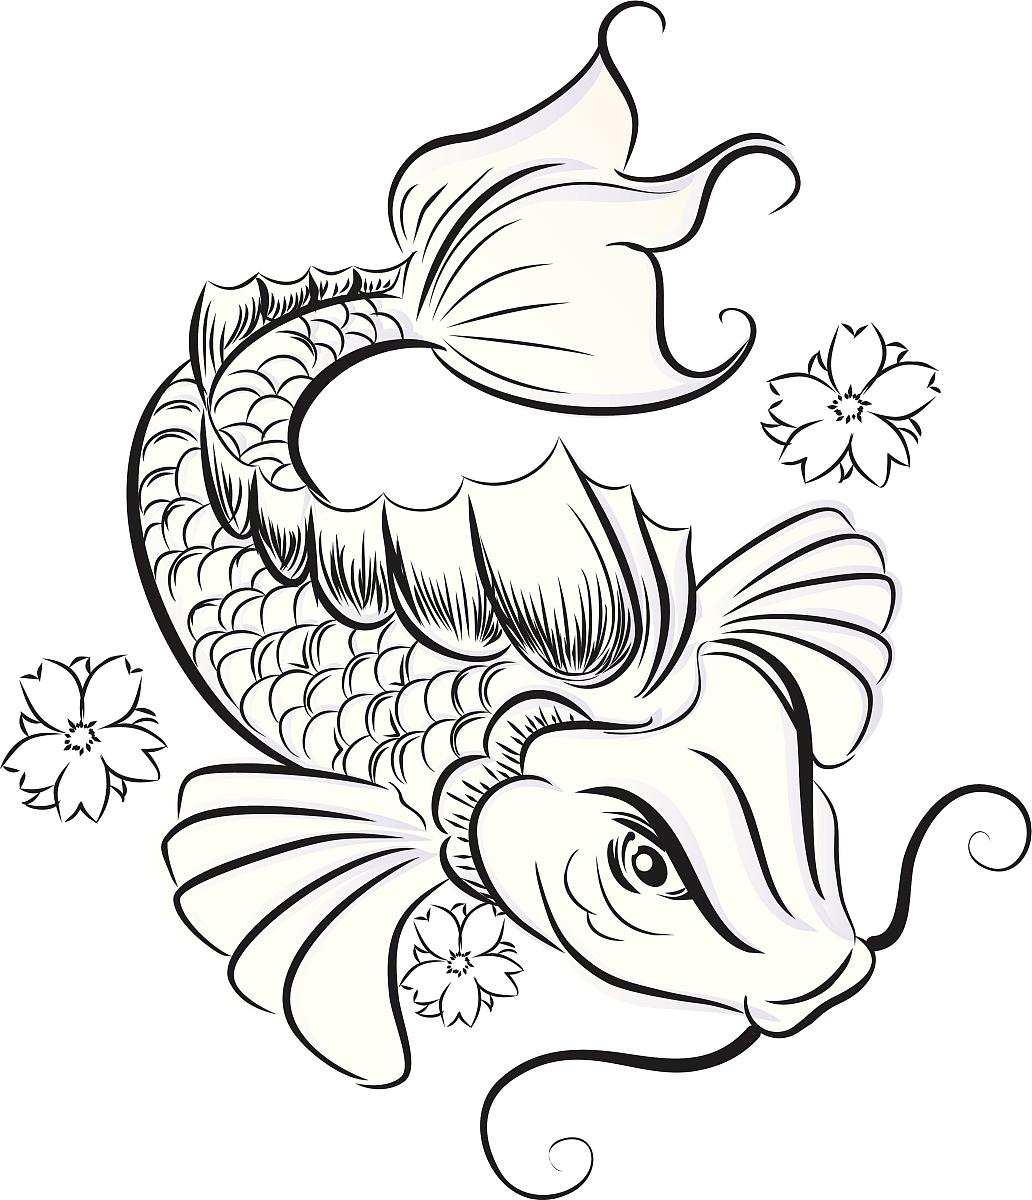 水彩画颜料,东亚文化,背景分离,美术工艺,简单背景,部落艺术,纹身图片图片